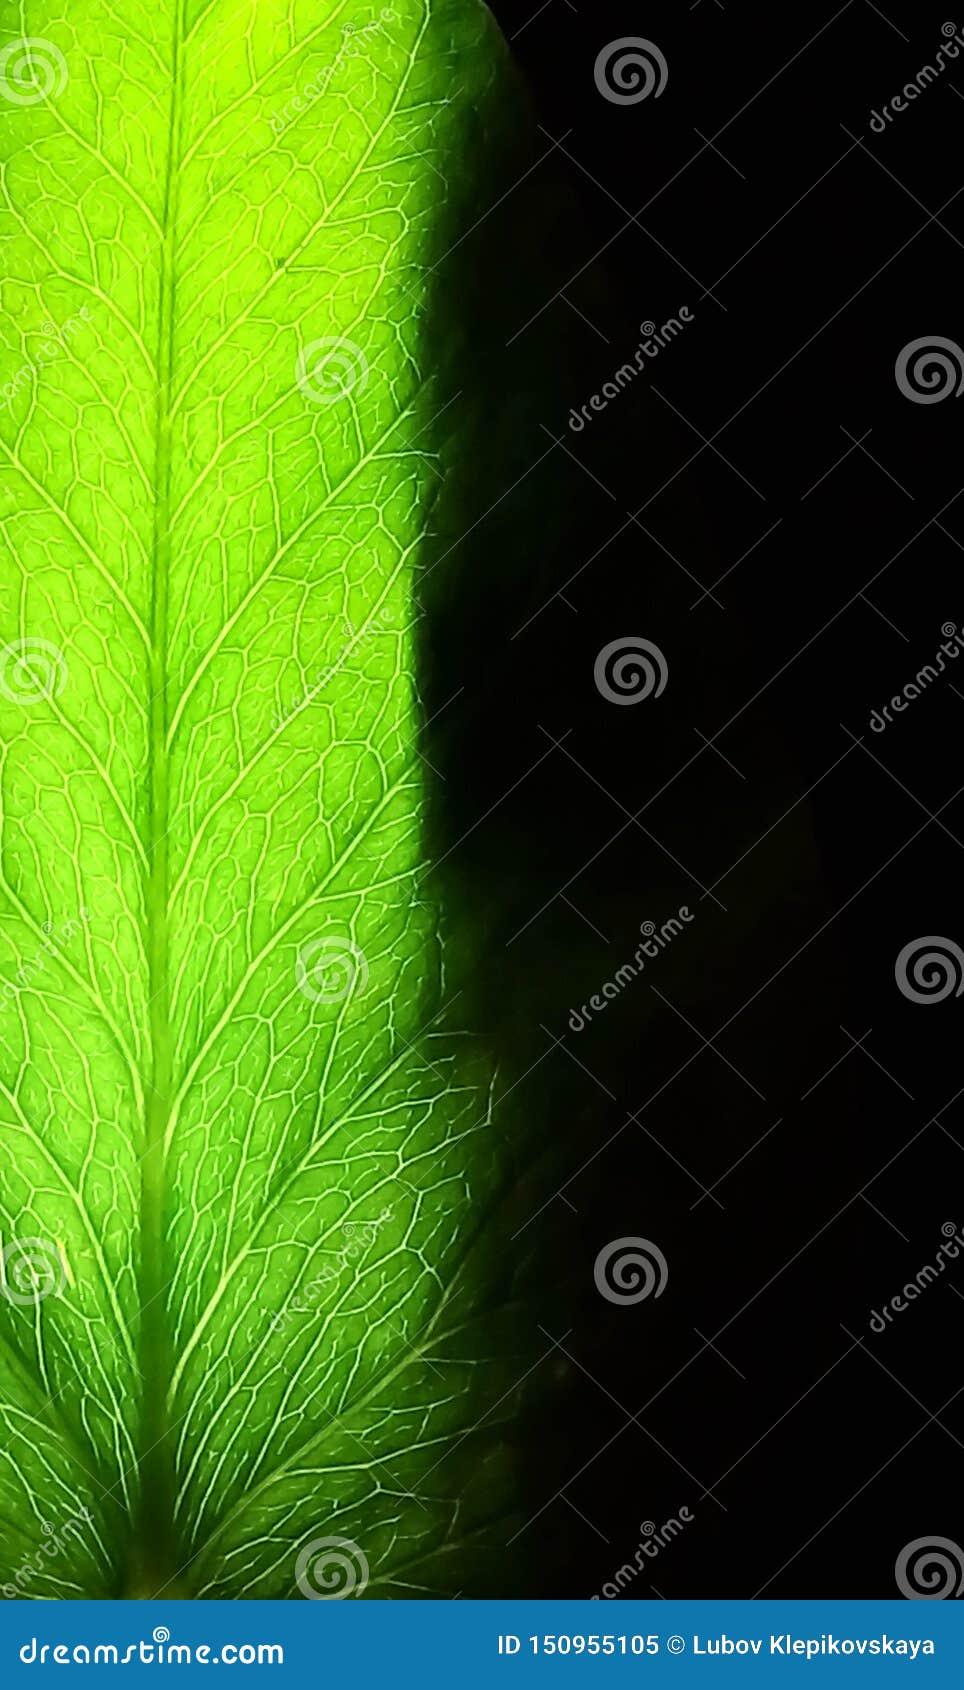 Groen blad op een zwarte achtergrond